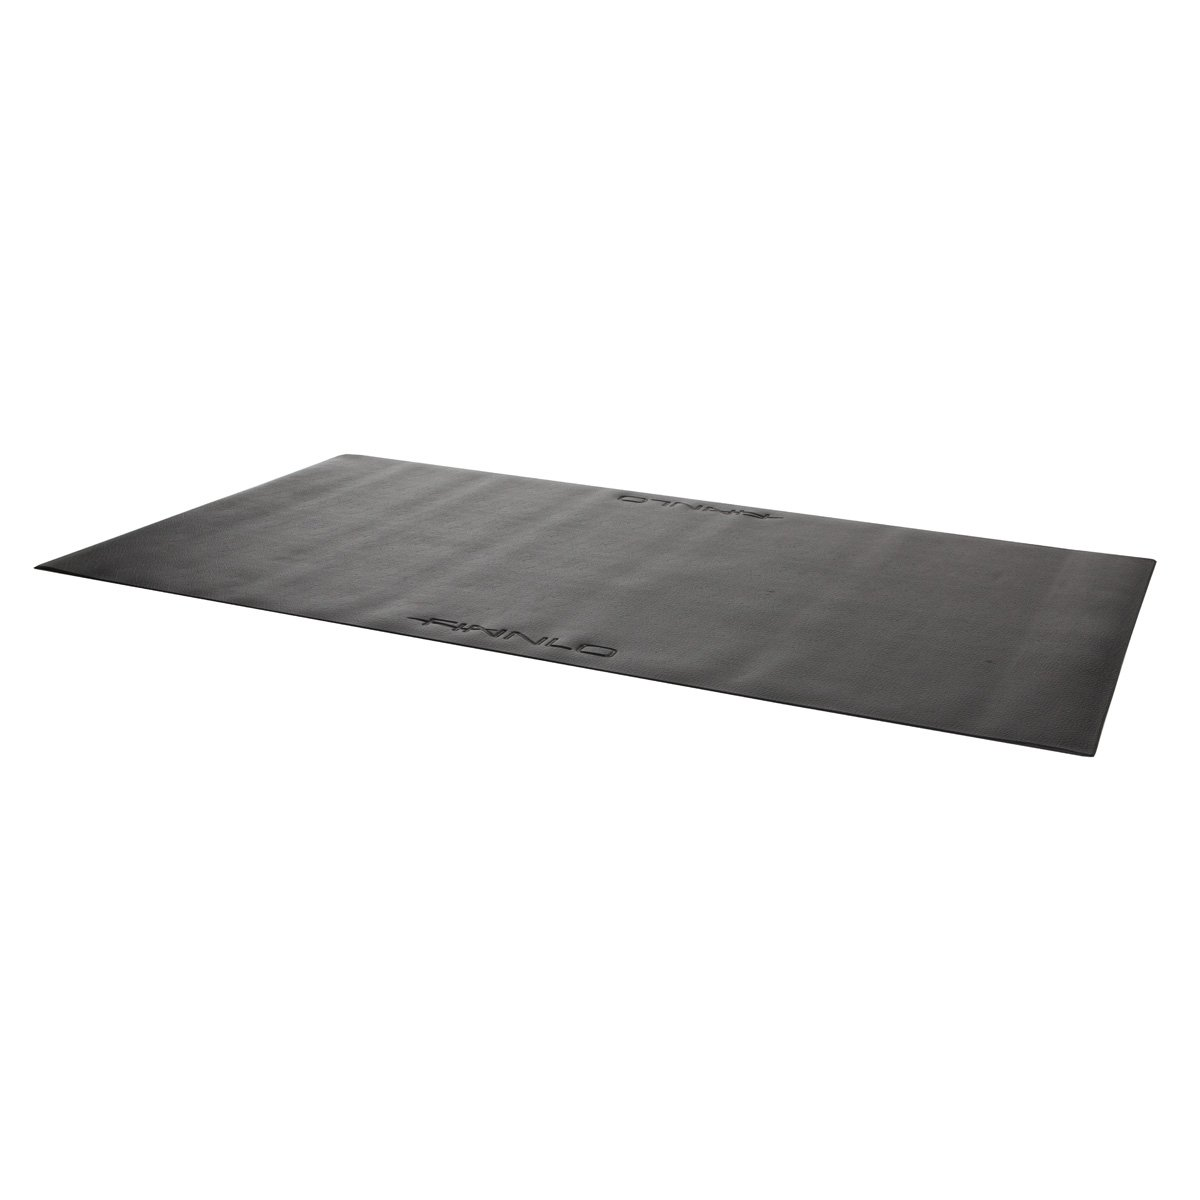 Finnlo XXL Bodenschutzmatte, schwarz, 200 x 100 cm